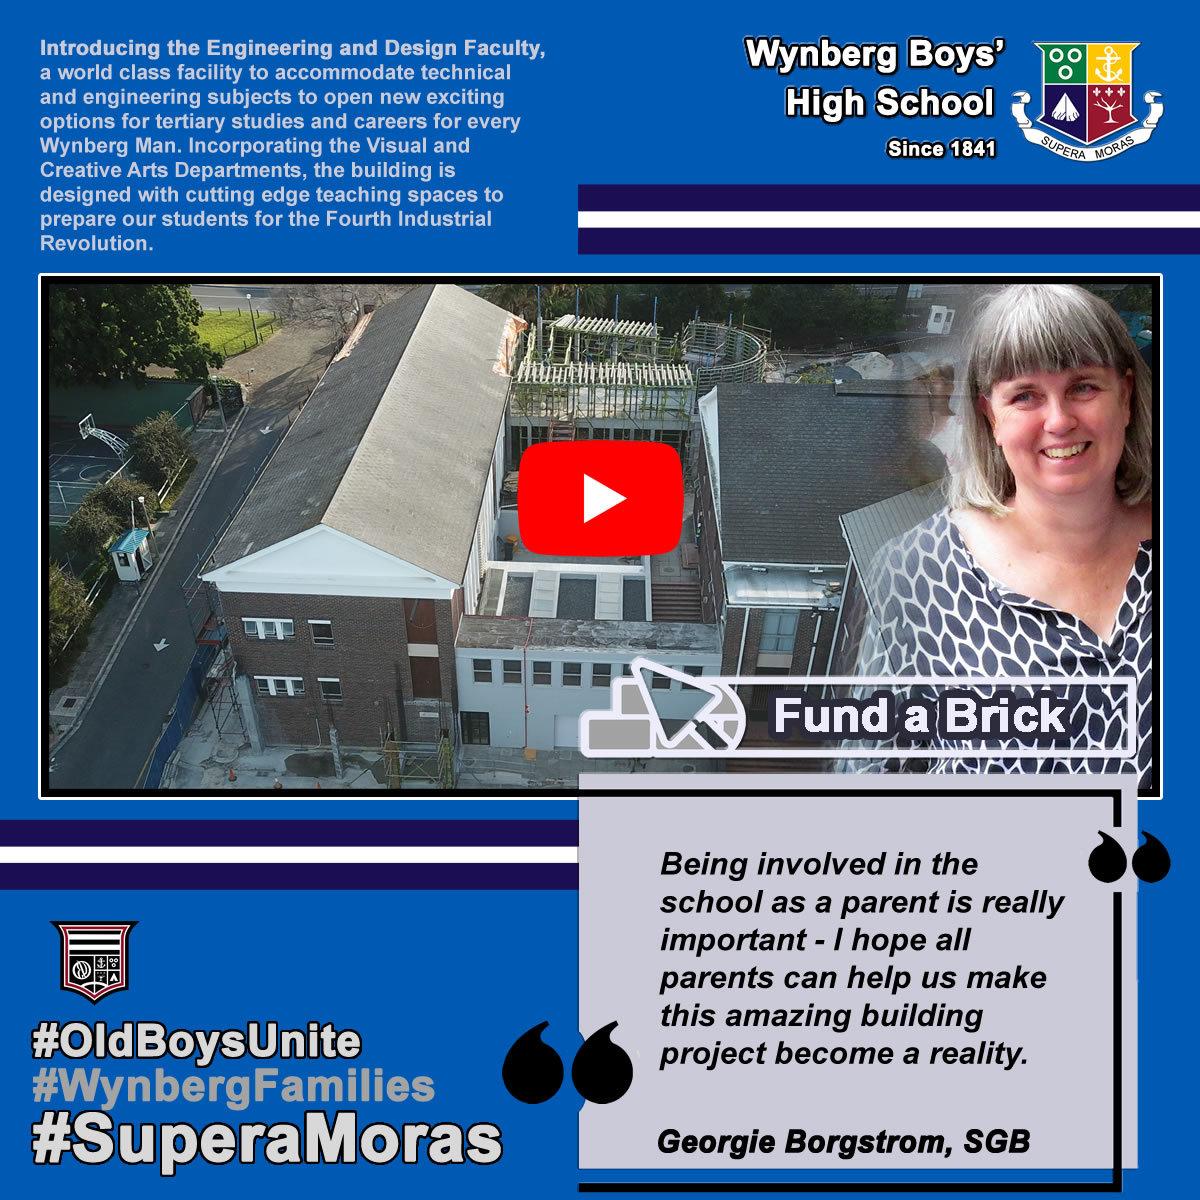 Fund a Brick: Georgie Borgstrom